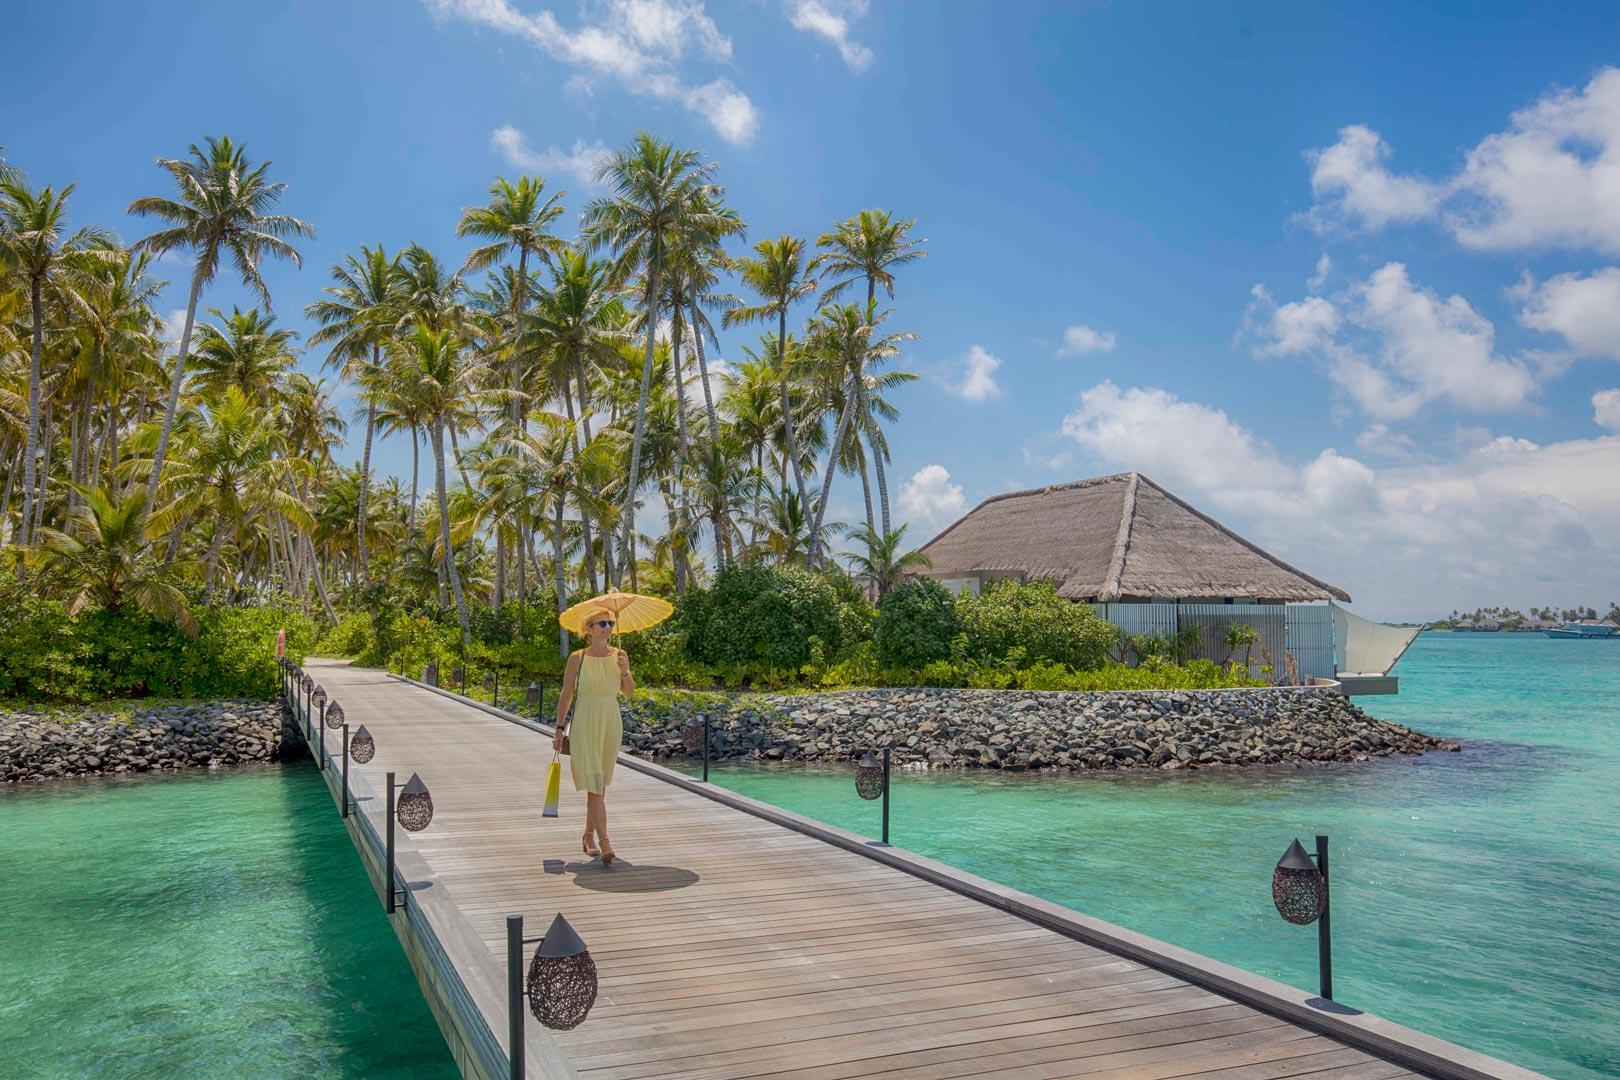 Lifestyle fotografija egzotičnog otoka